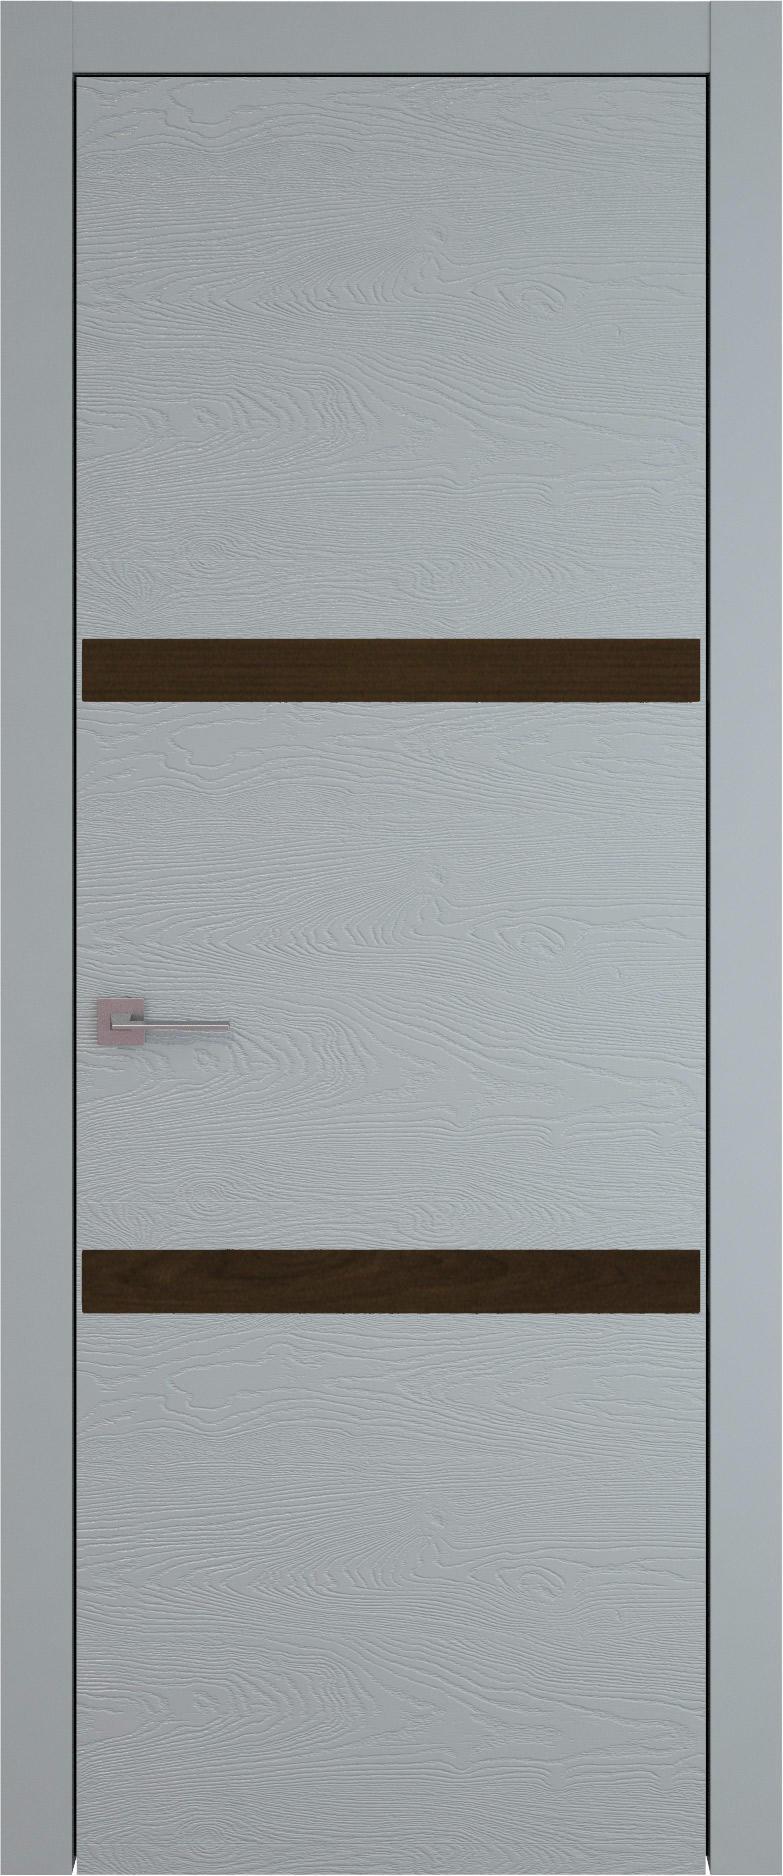 Tivoli В-4 цвет - Серебристо-серая эмаль по шпону (RAL 7045) Без стекла (ДГ)